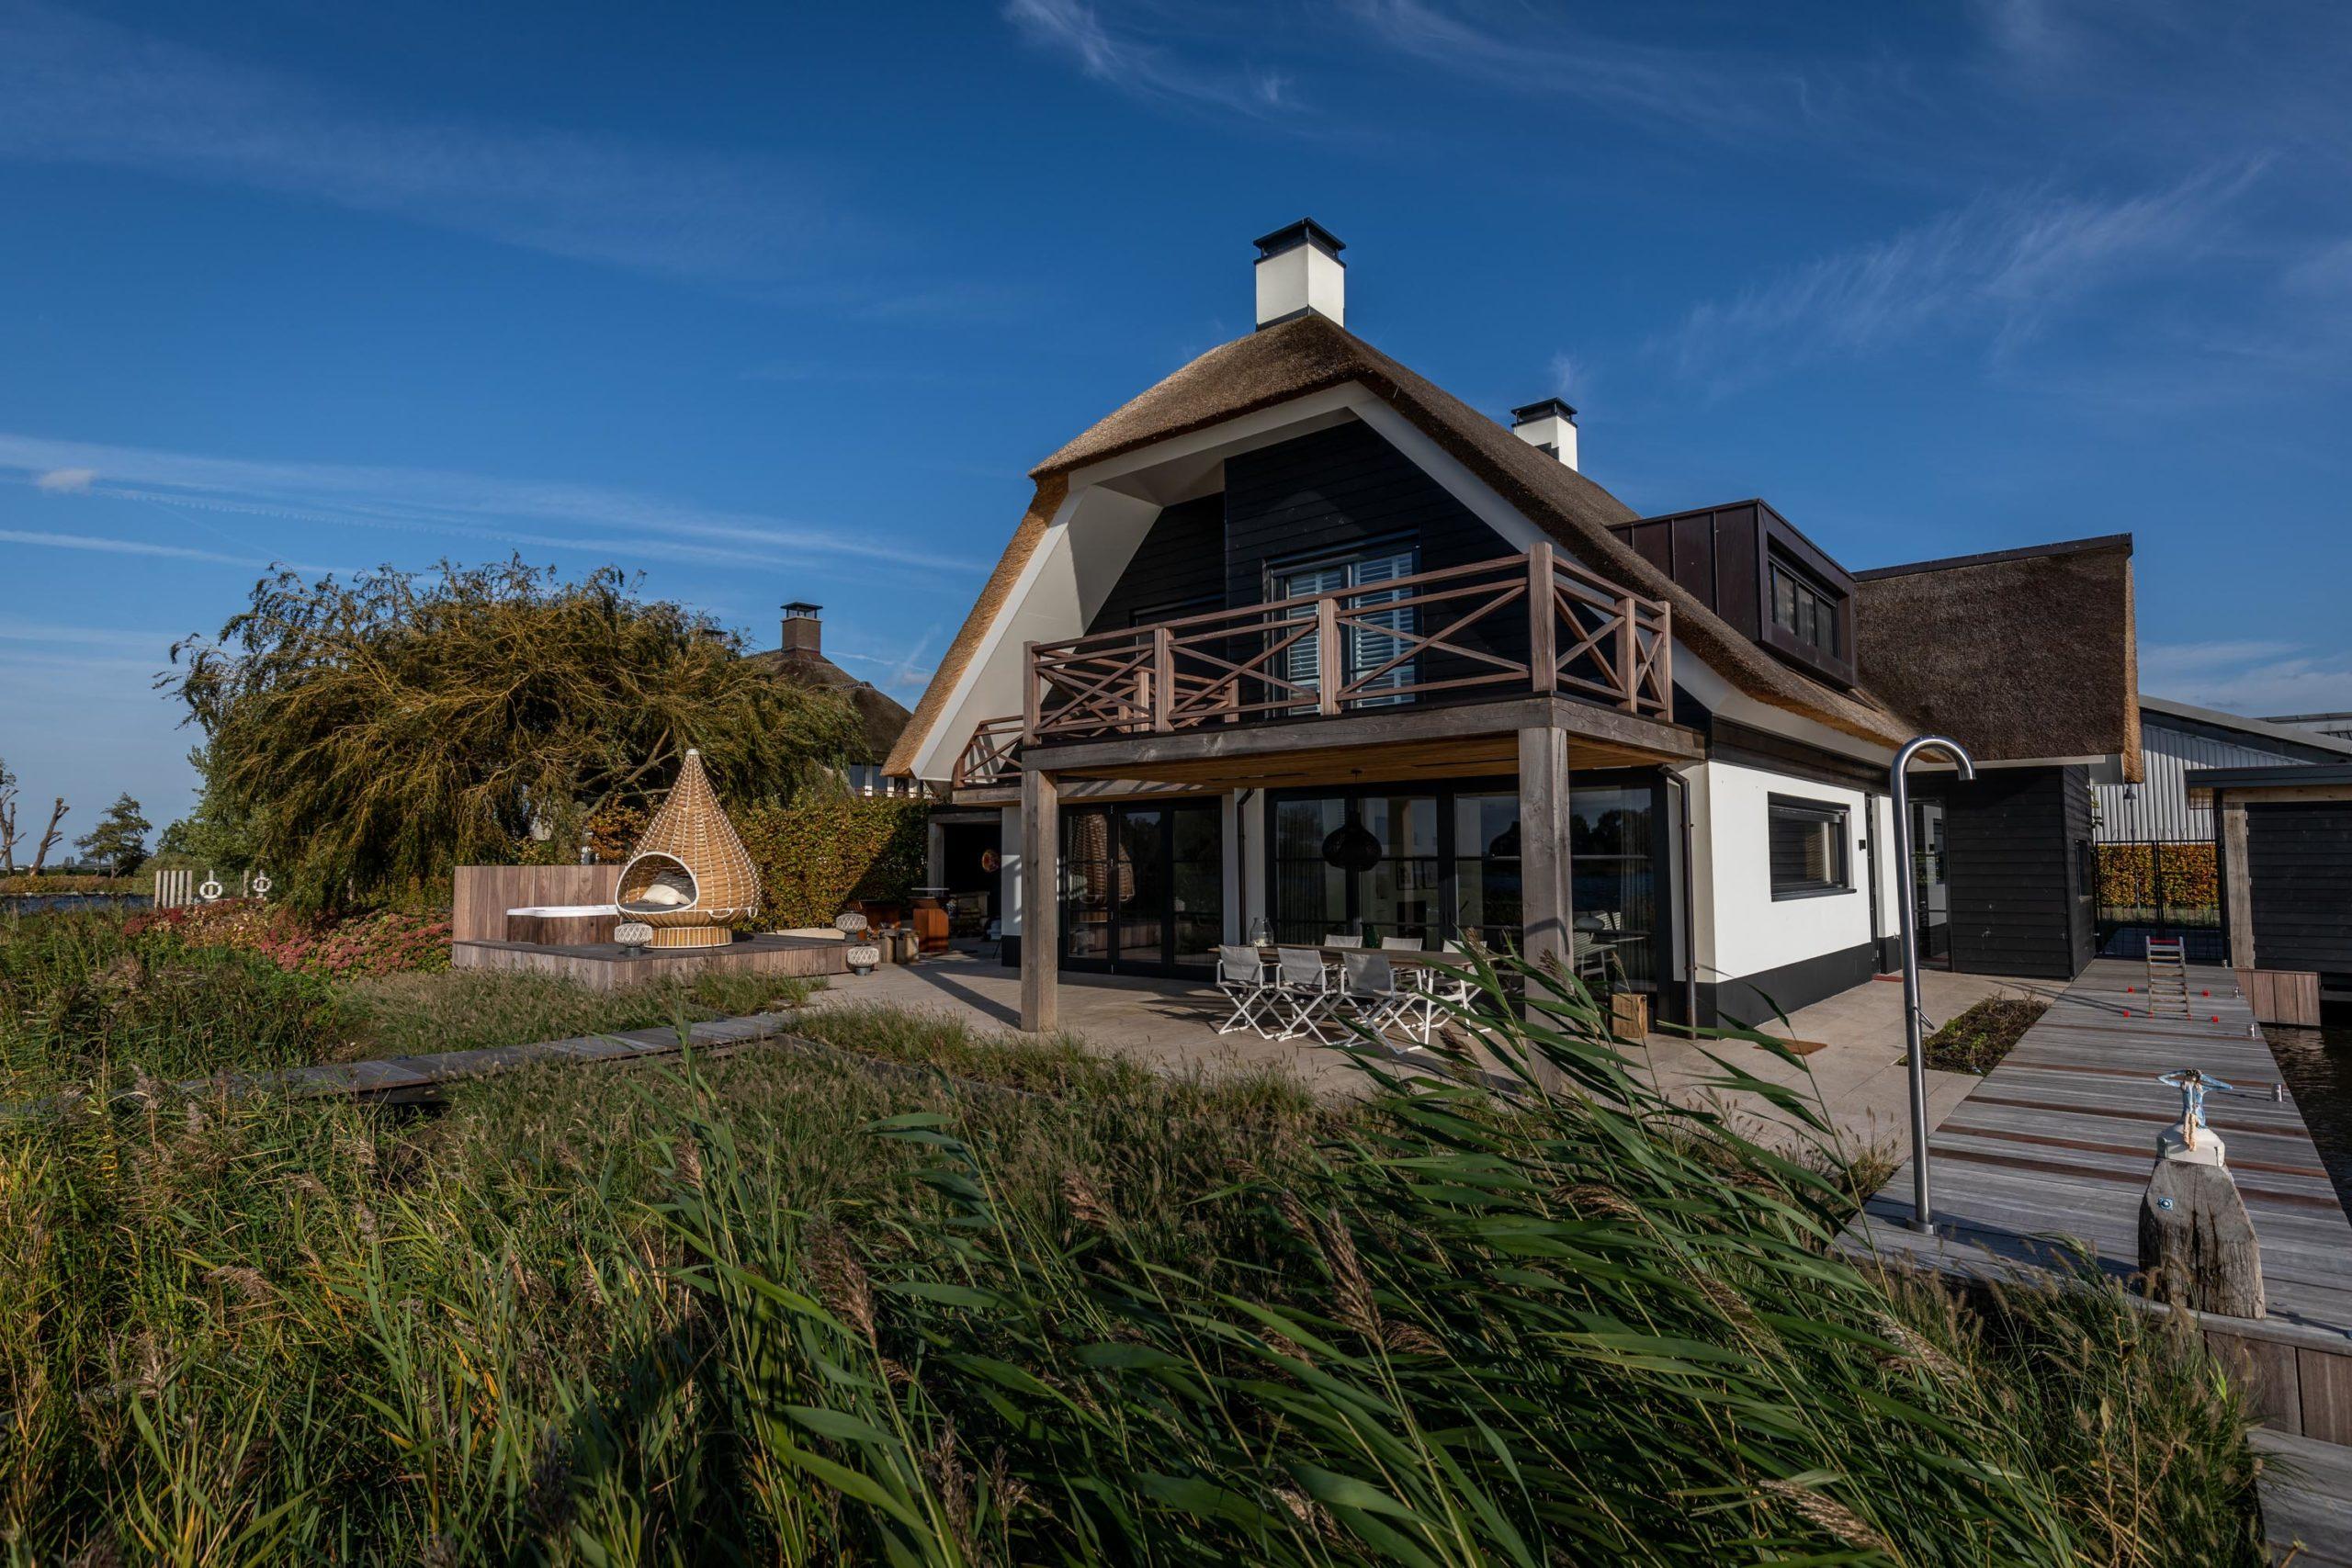 Zeer indrukwekkende maatwerkkeuken, De Vries & Theunissen en OTH architecten, maatwerkkeuken, villa